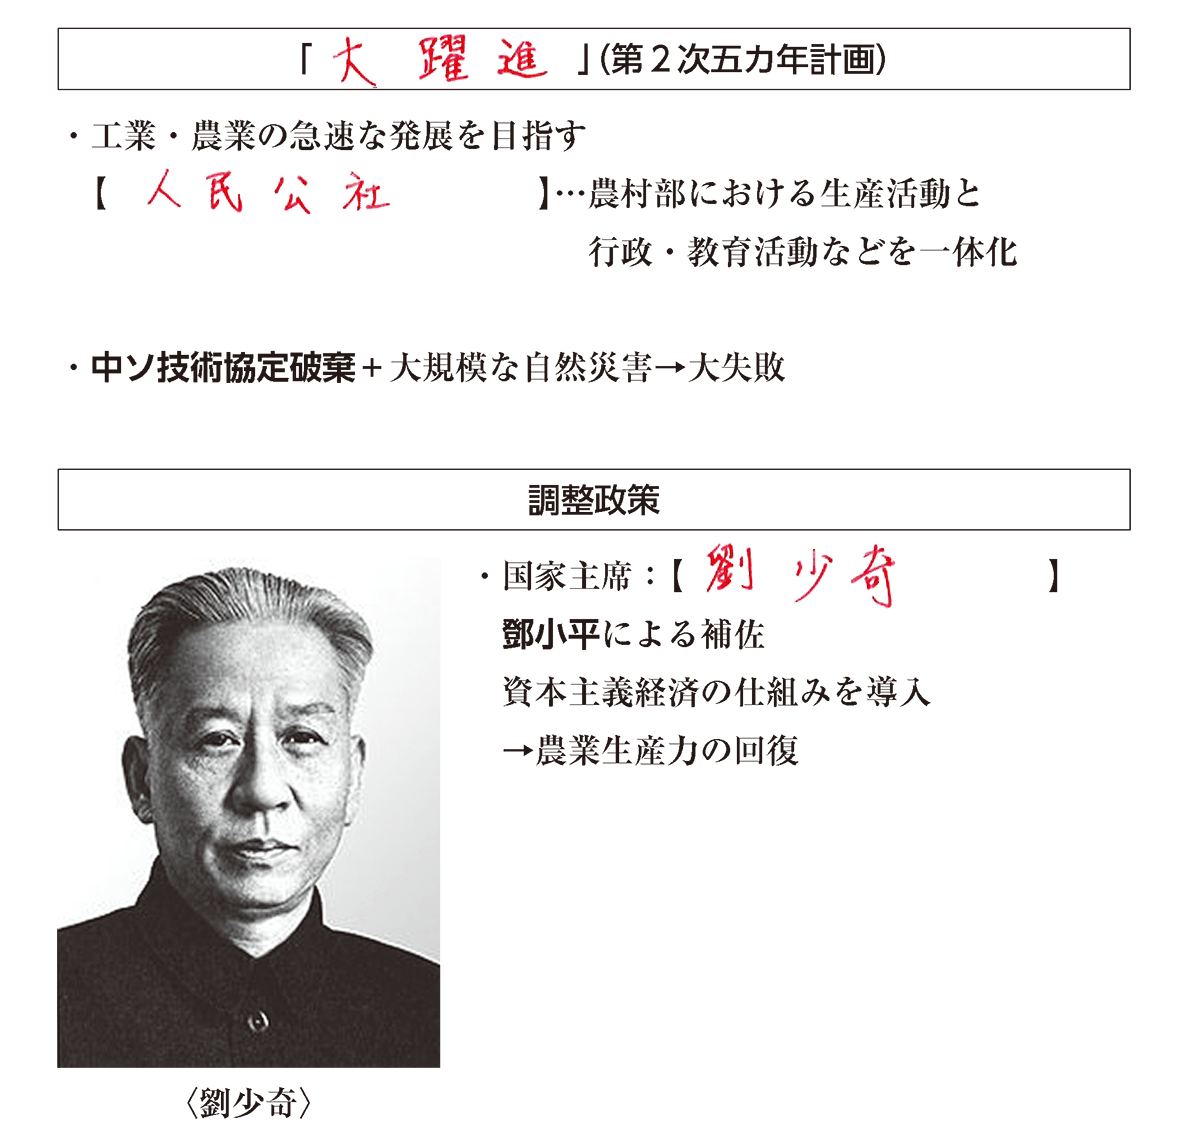 高校世界史 自立を強める東アジア1 ポイント2 答え全部